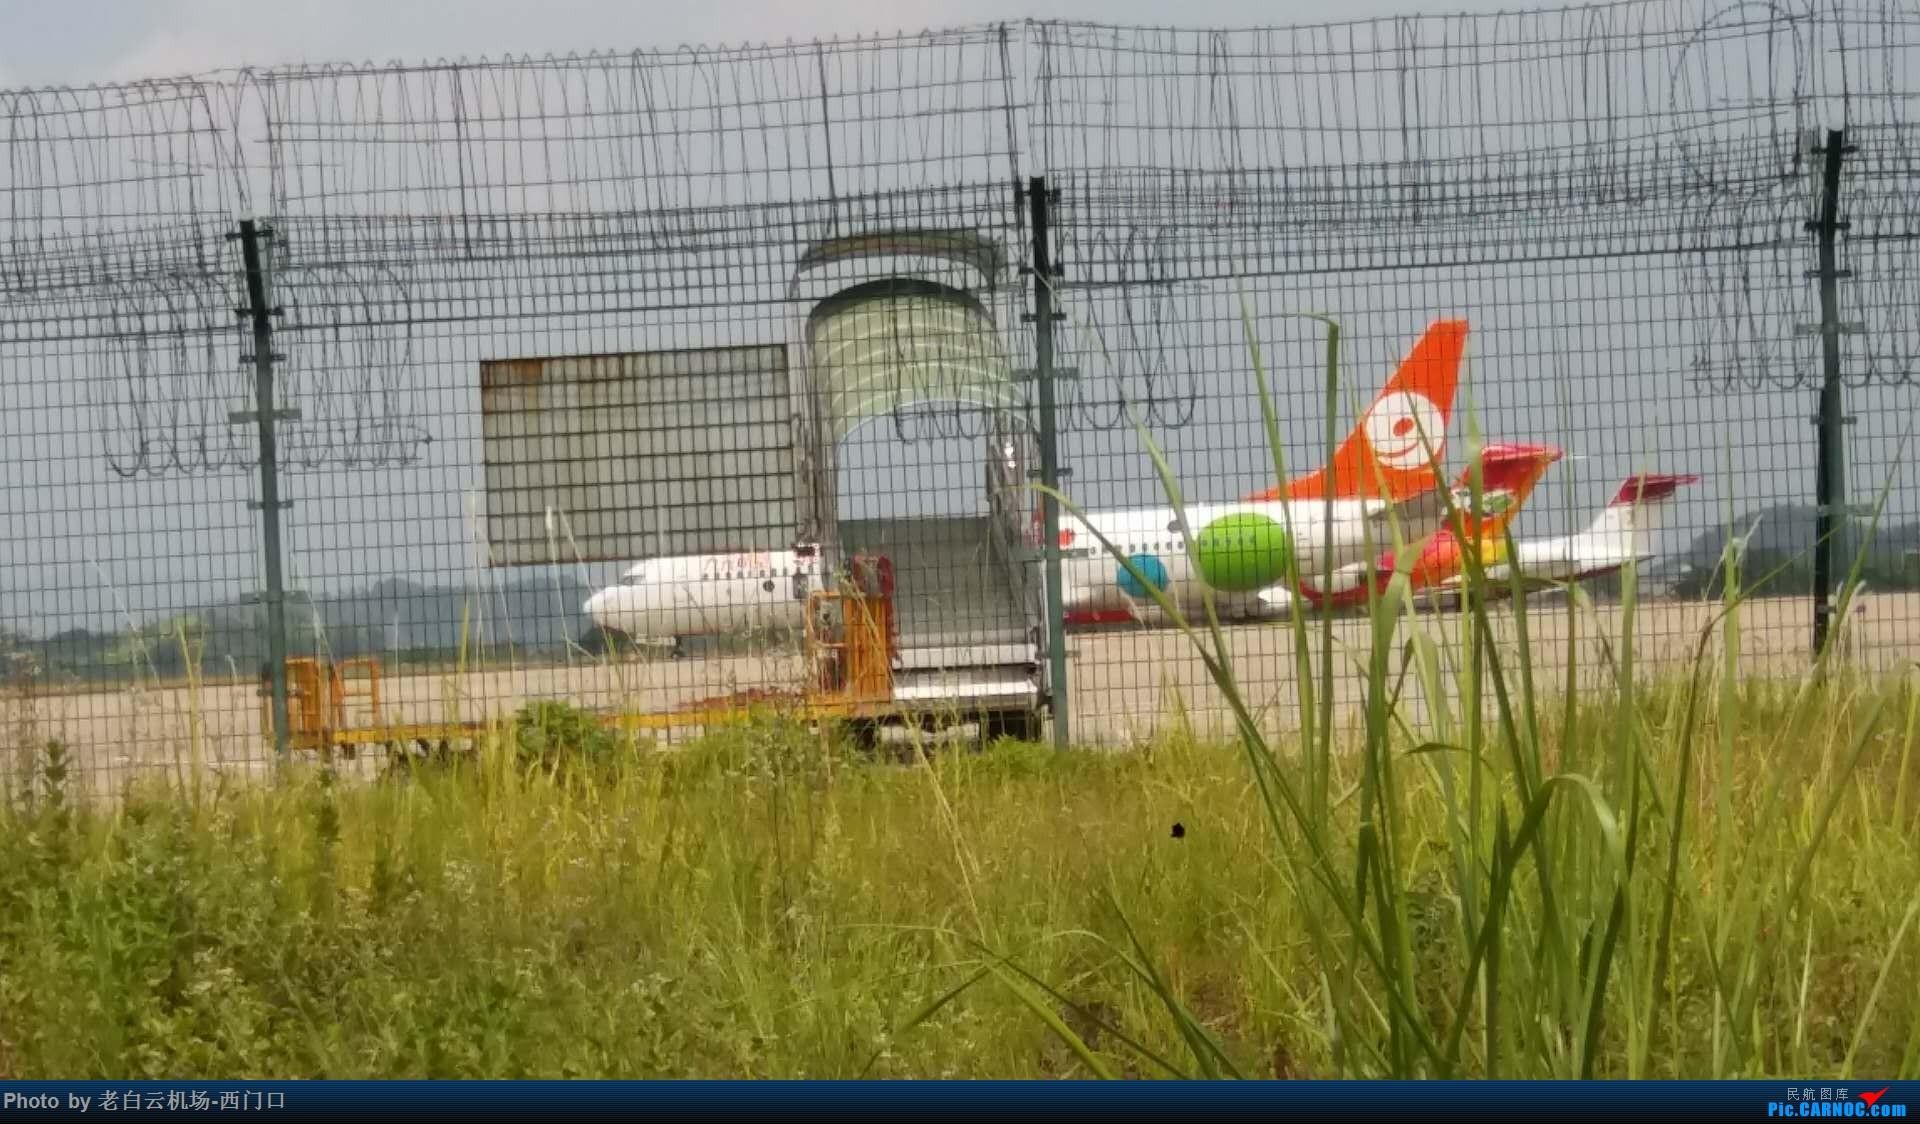 Re:[原创]【梁泽希拍机故事7】2018年第六次拍机 BOEING 737-800 B-1556 中国揭阳潮汕国际机场